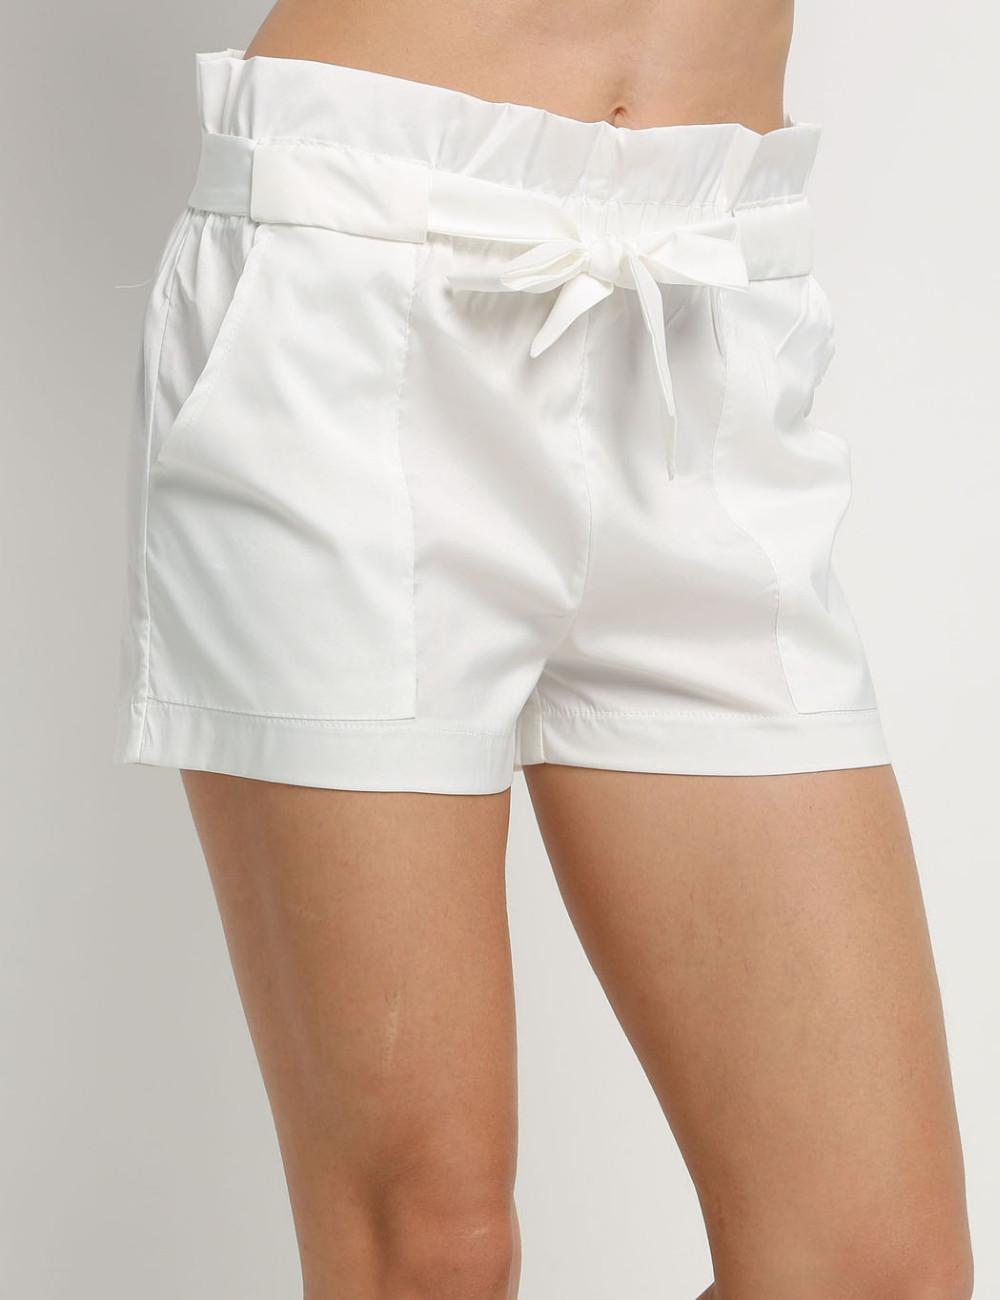 HTB1P6MkNFXXXXa apXXq6xXFXXXg - High Waist Shorts Loose Shorts With Belt Woman PTC 59